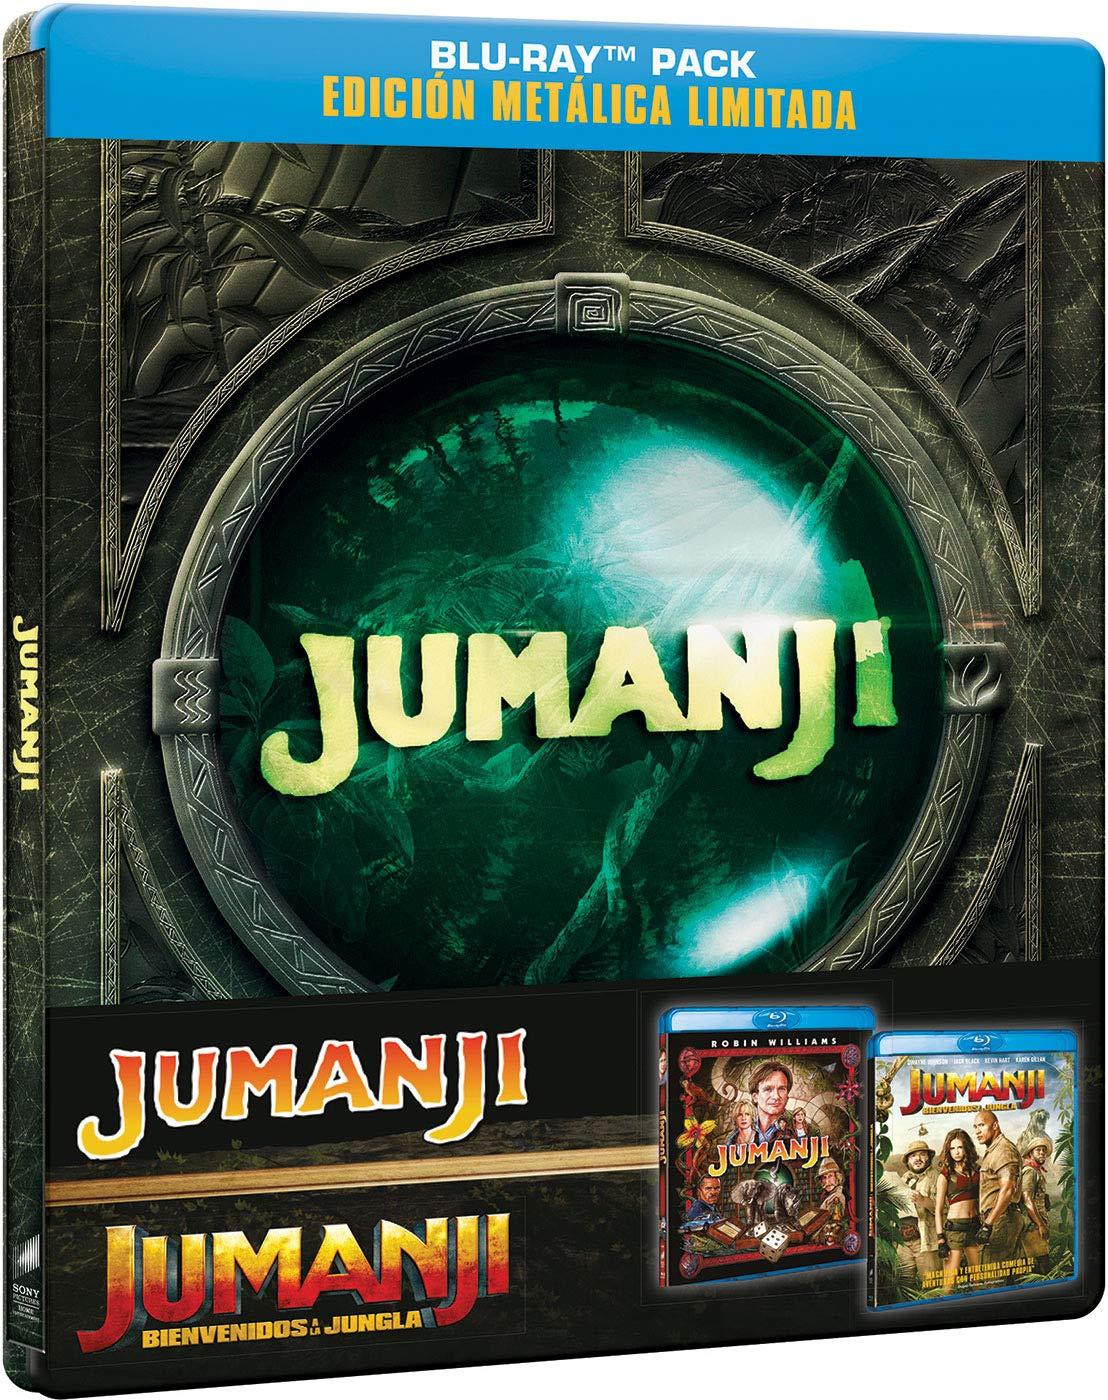 Jumanji 1 + Jumanji 2 BD - Edición Limitada Metal Blu-ray: Amazon ...